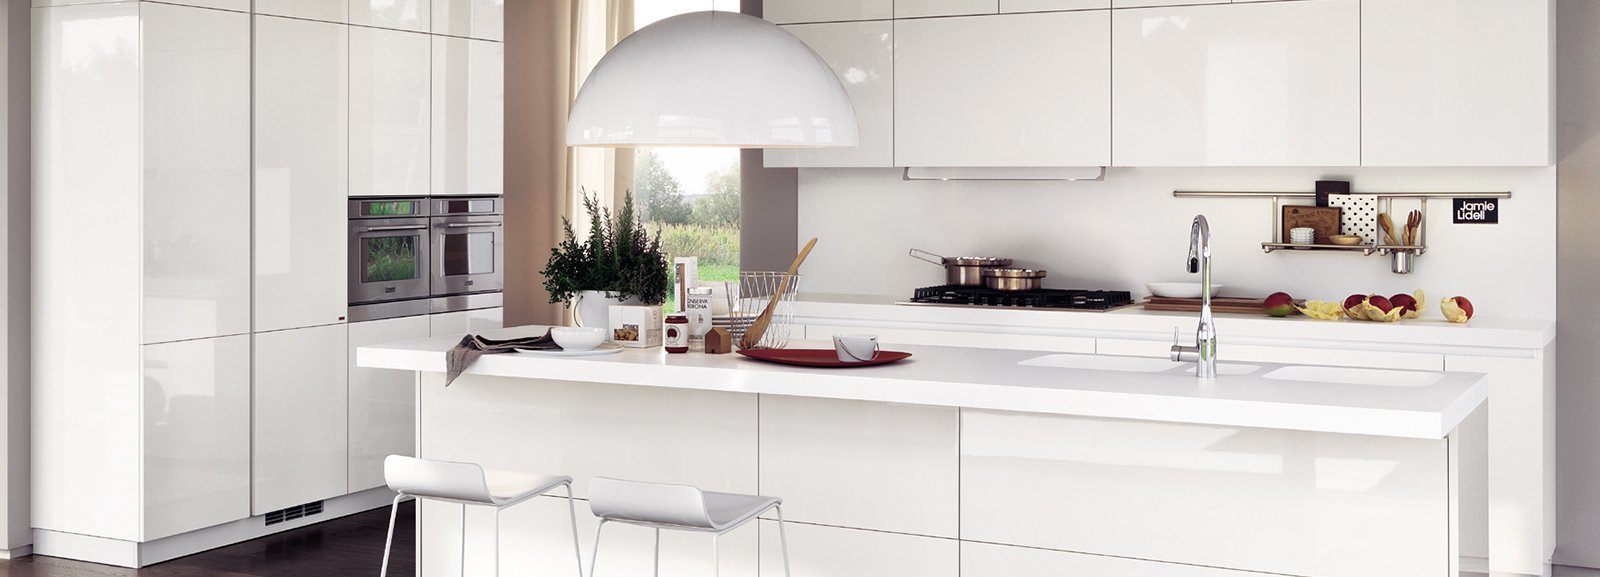 Stunning Cucina Con Isola Prezzi Contemporary - bakeroffroad.us ...